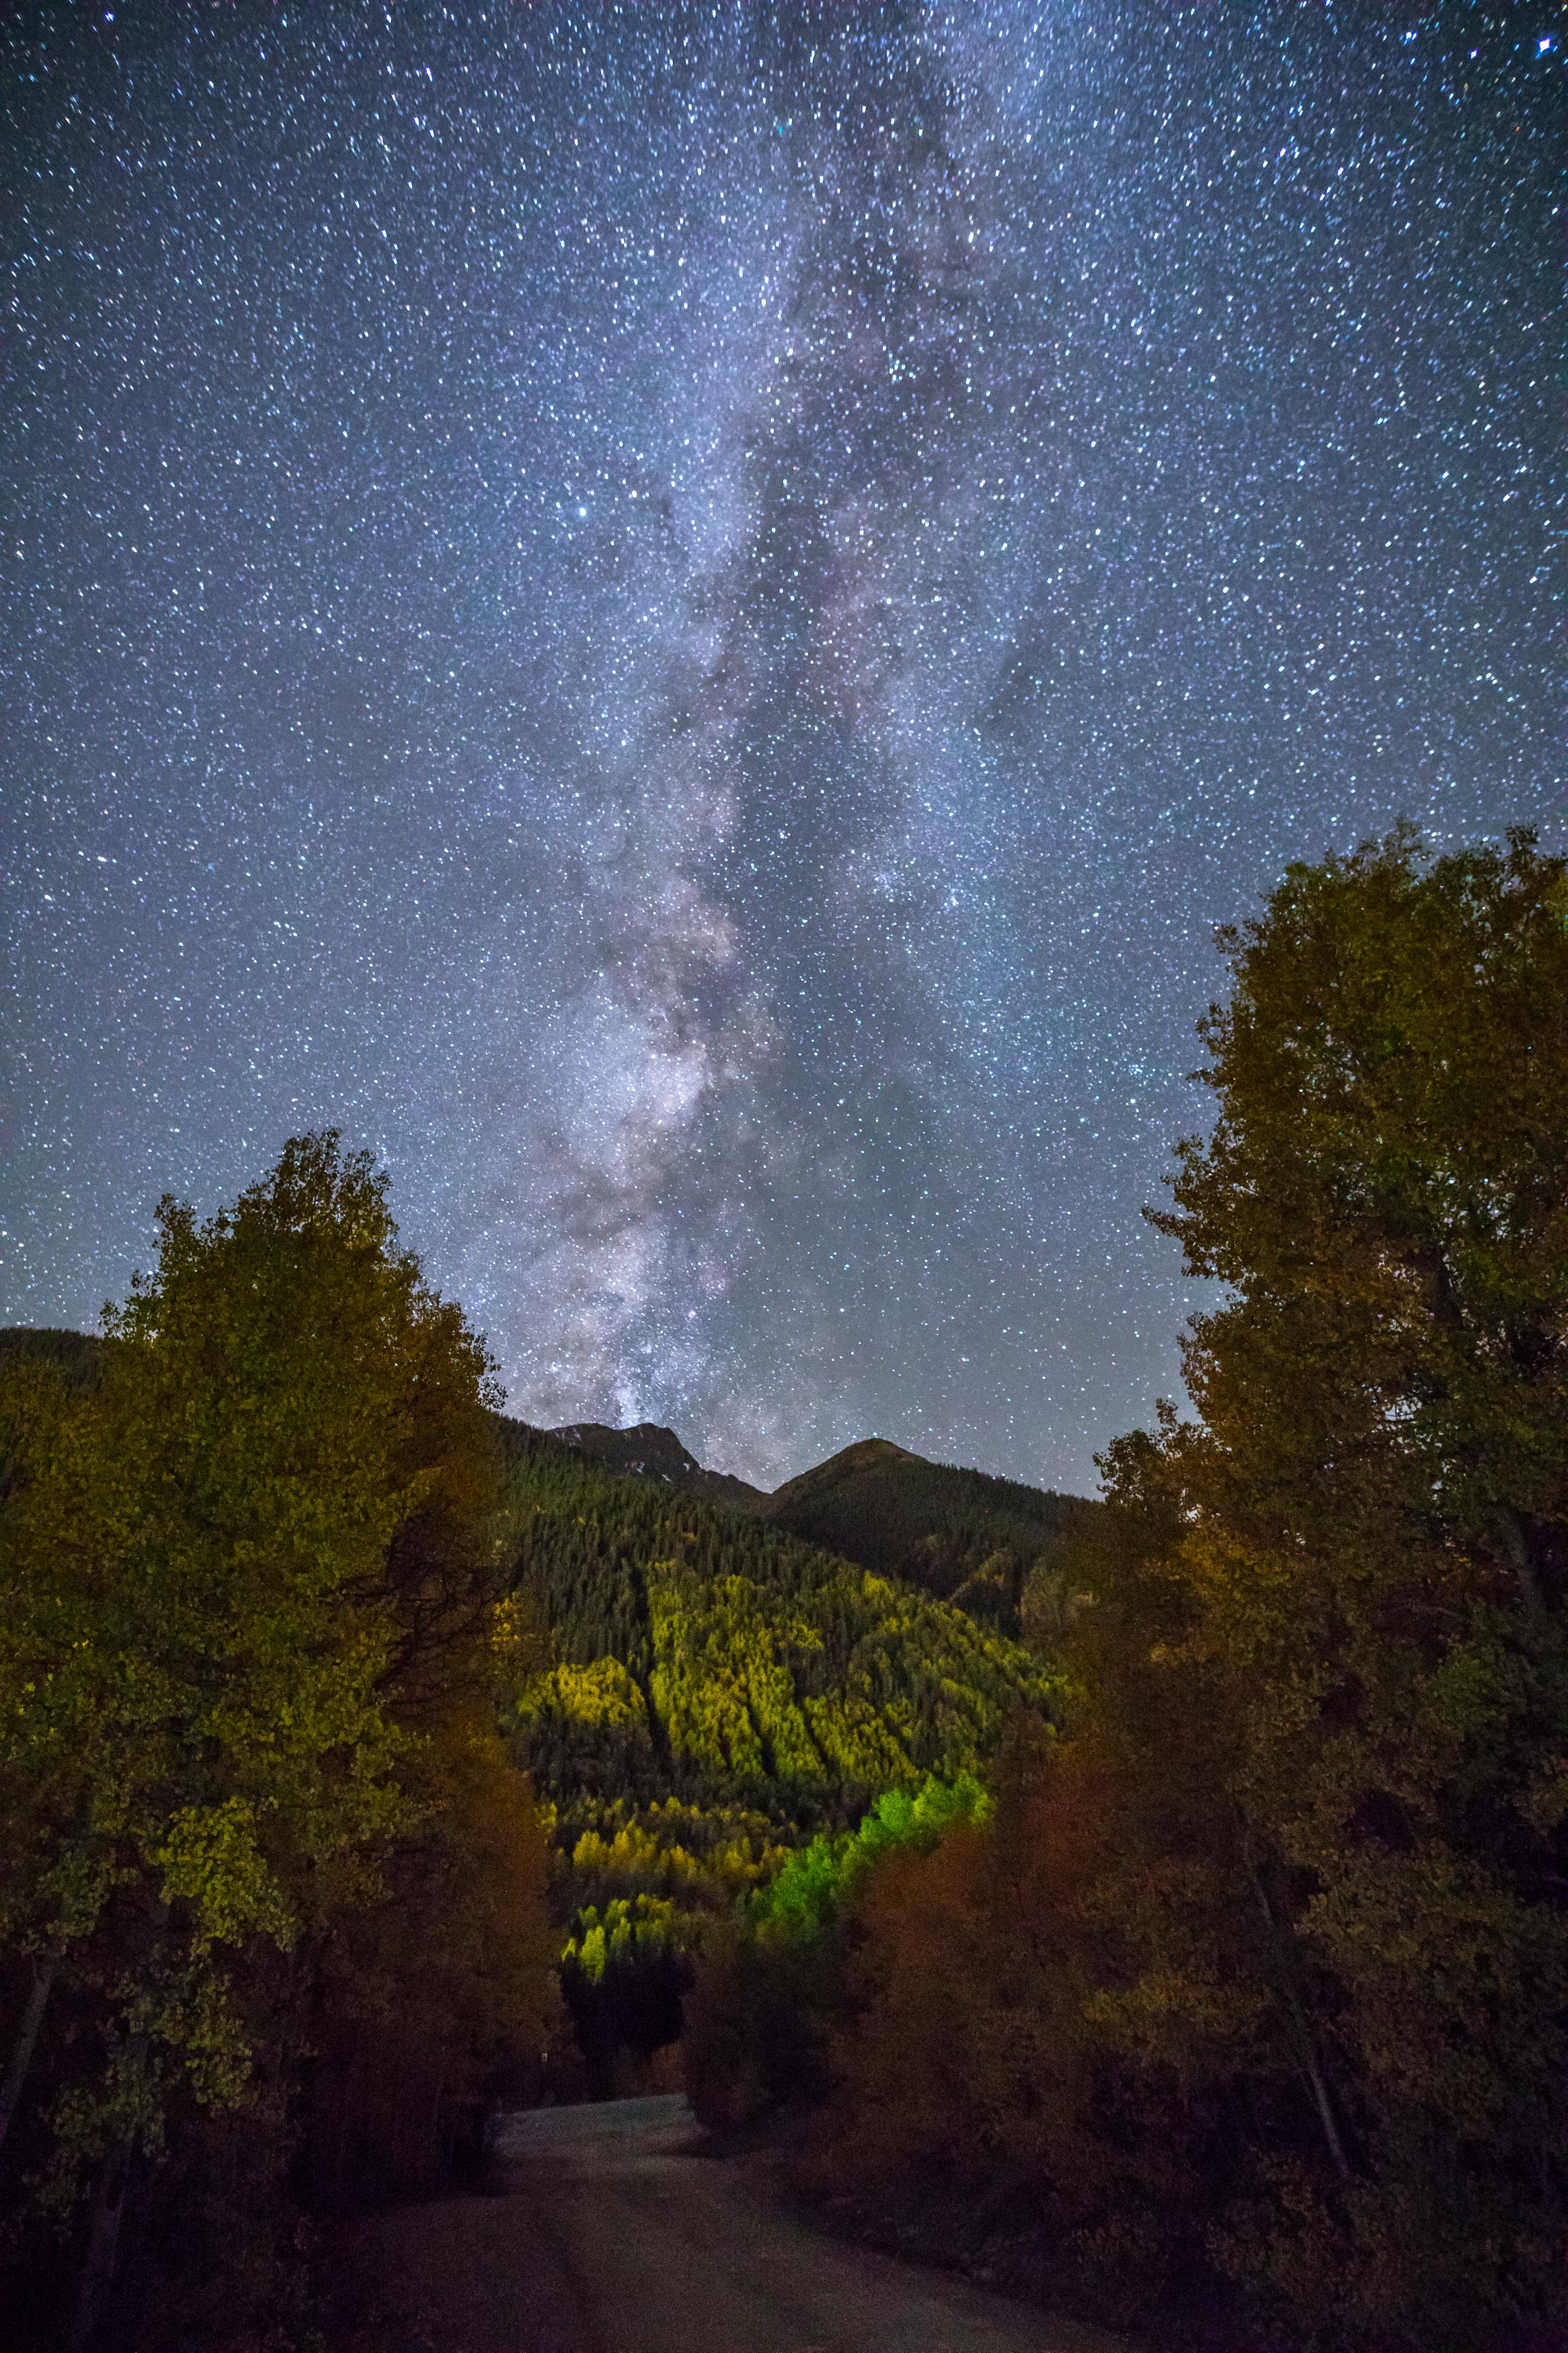 Milky Way in Silverton, Colorado Image # 1780